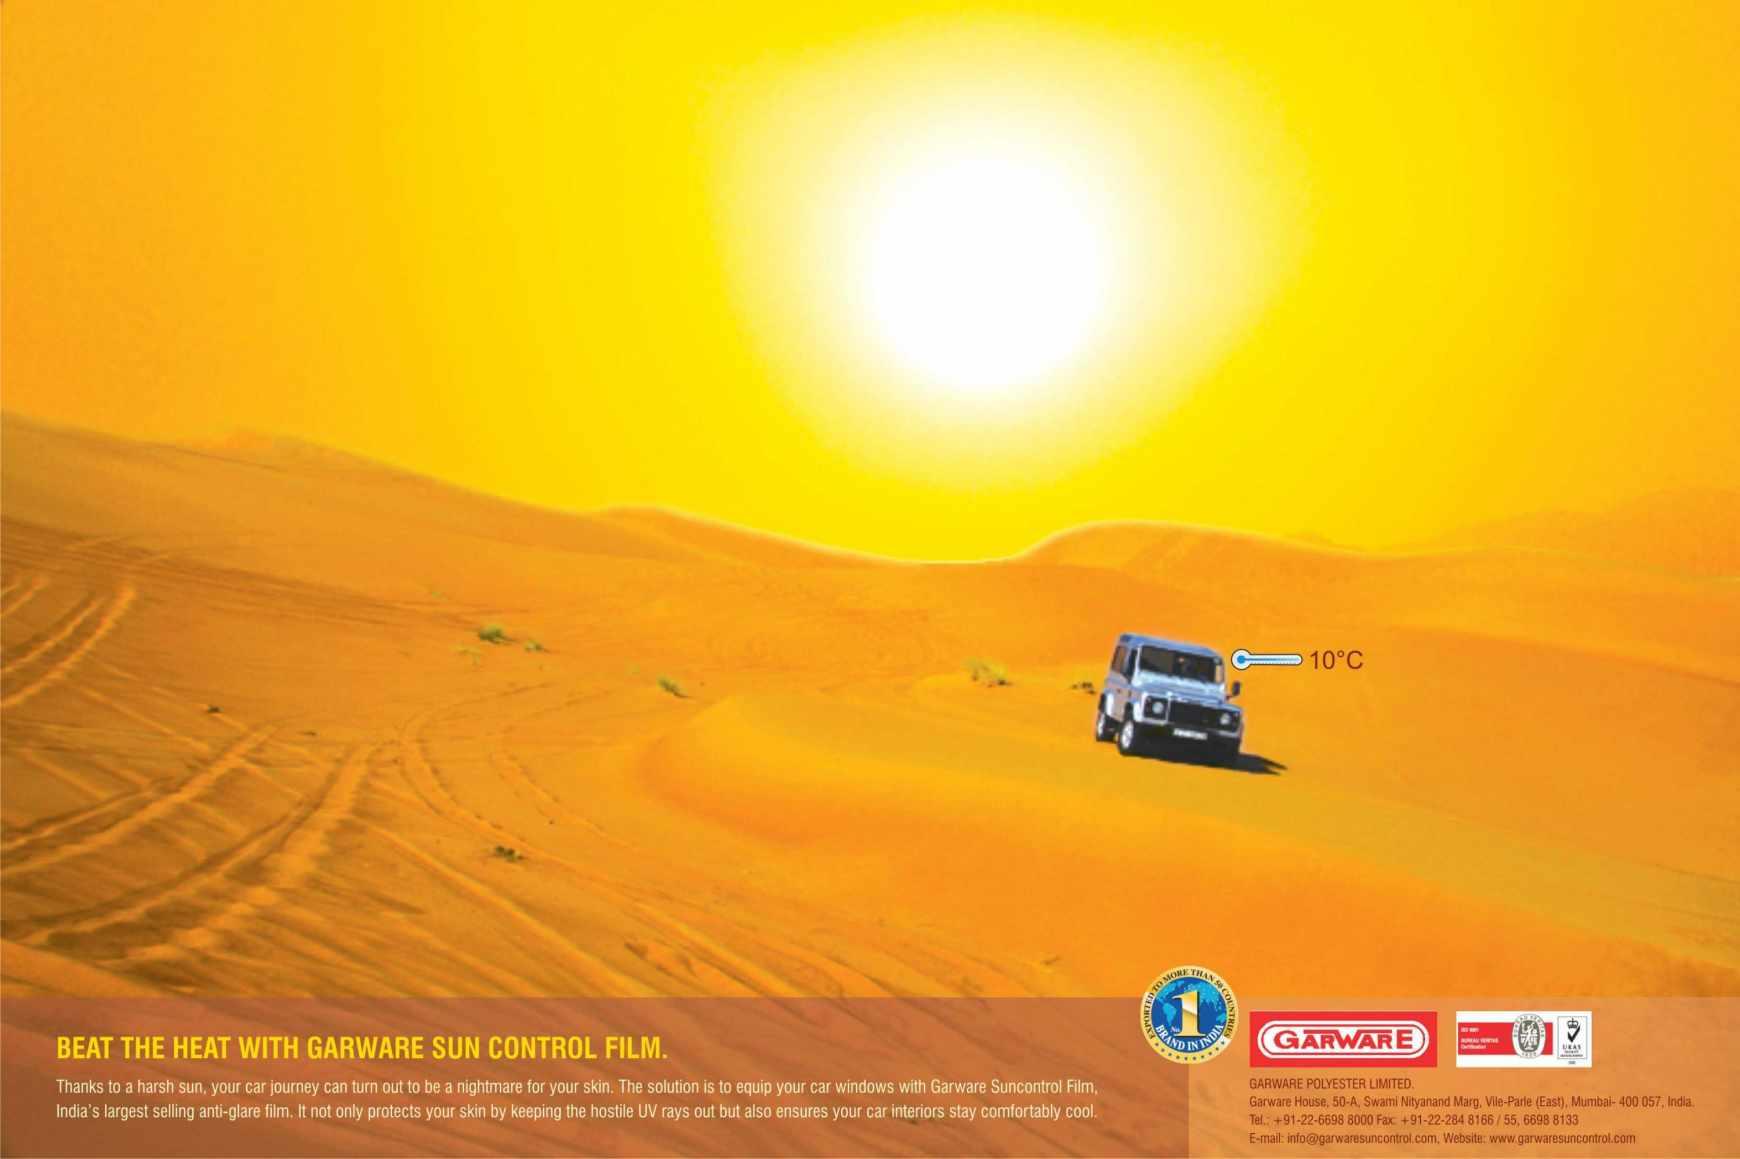 Garware Sun Control